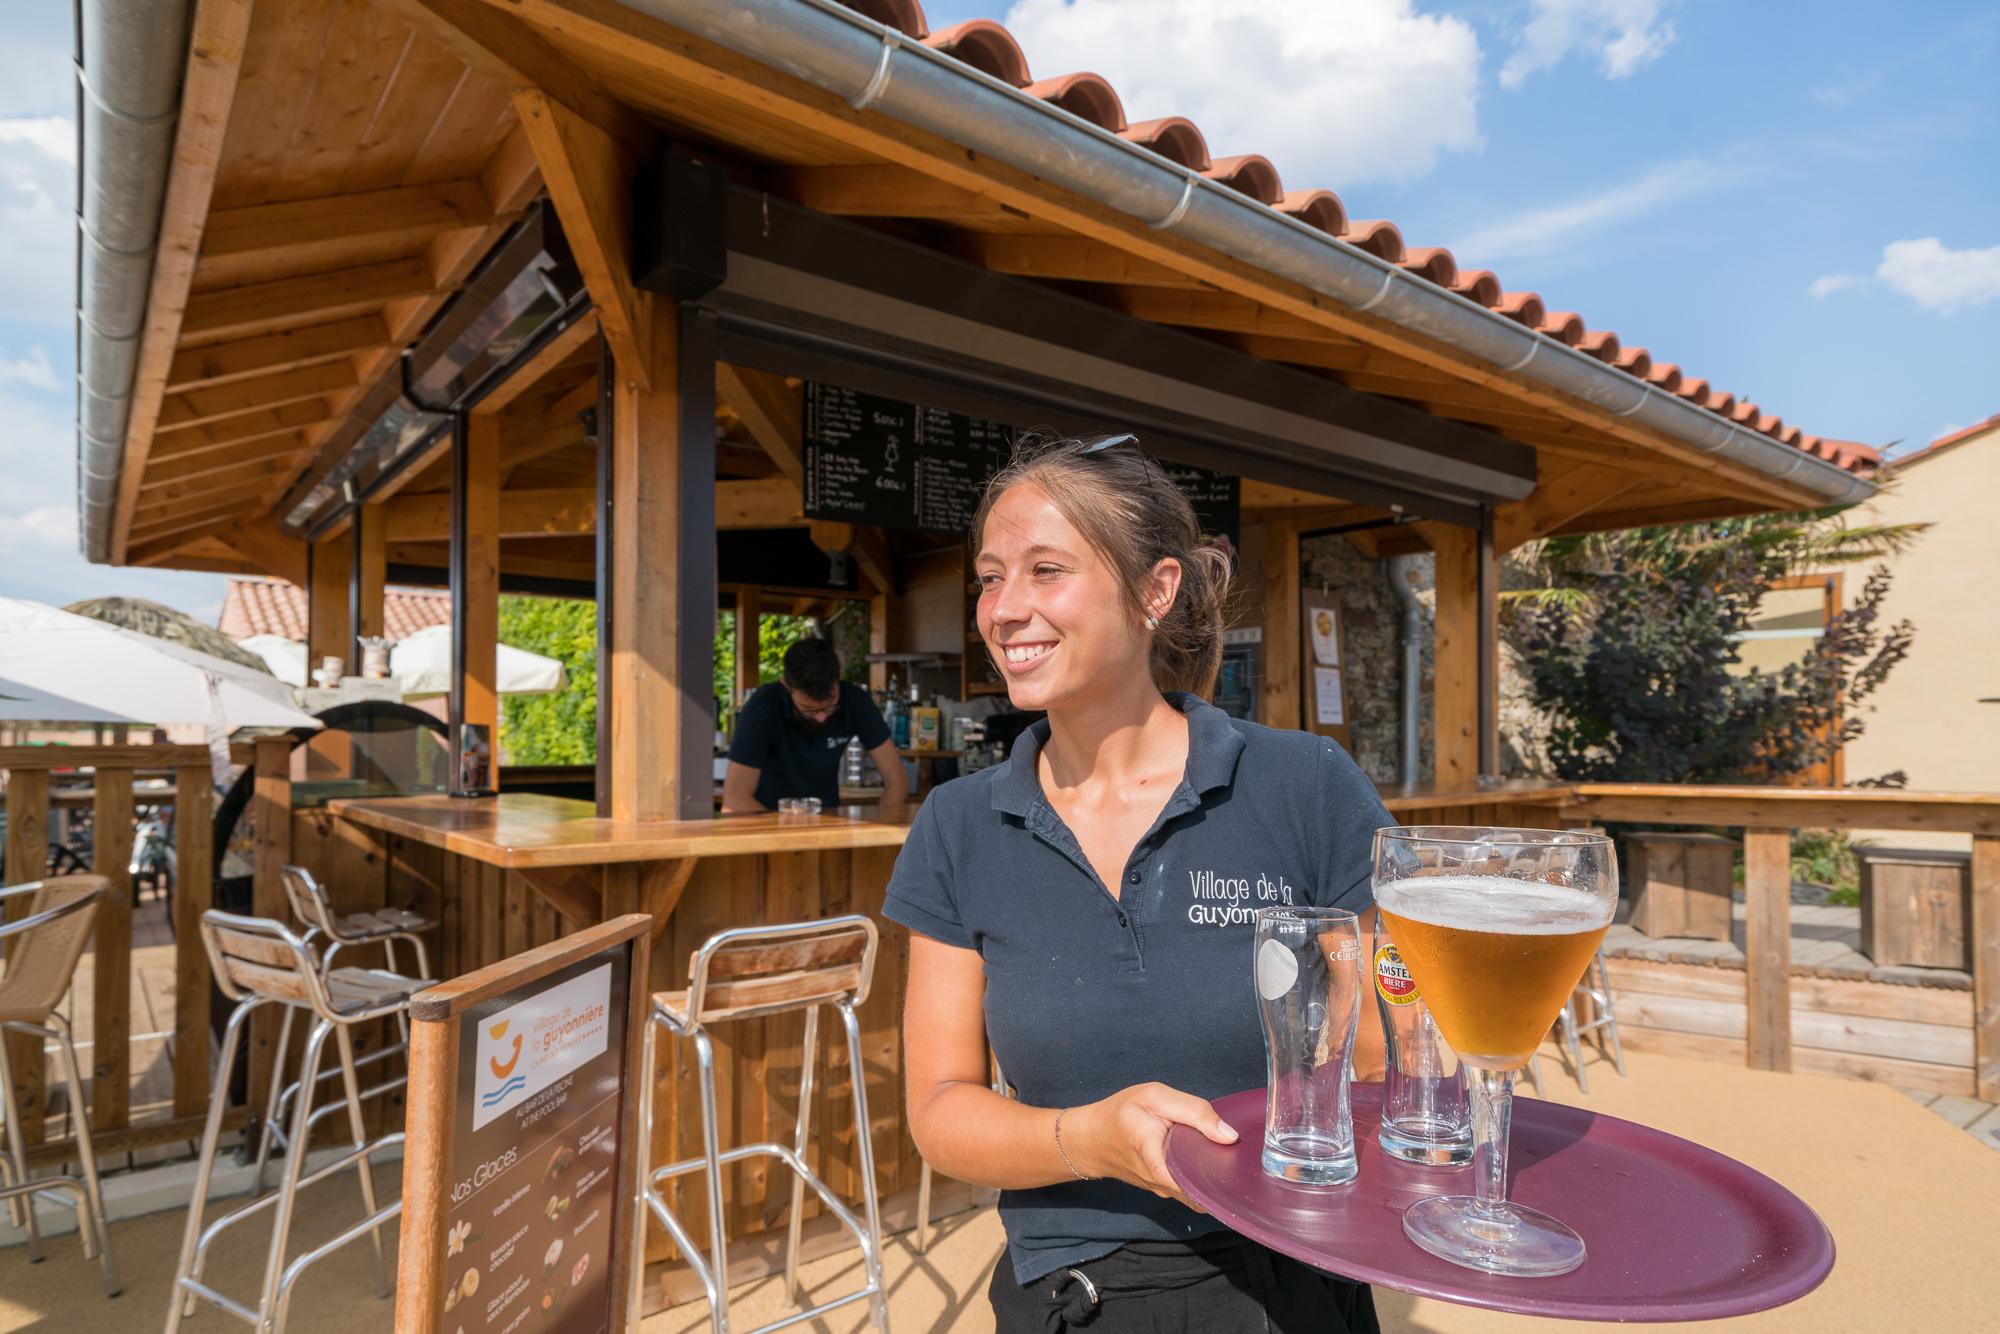 Recrutement: Barman F/H chez Camping Village de la Guyonnière à Saint-Julien-des-Landes